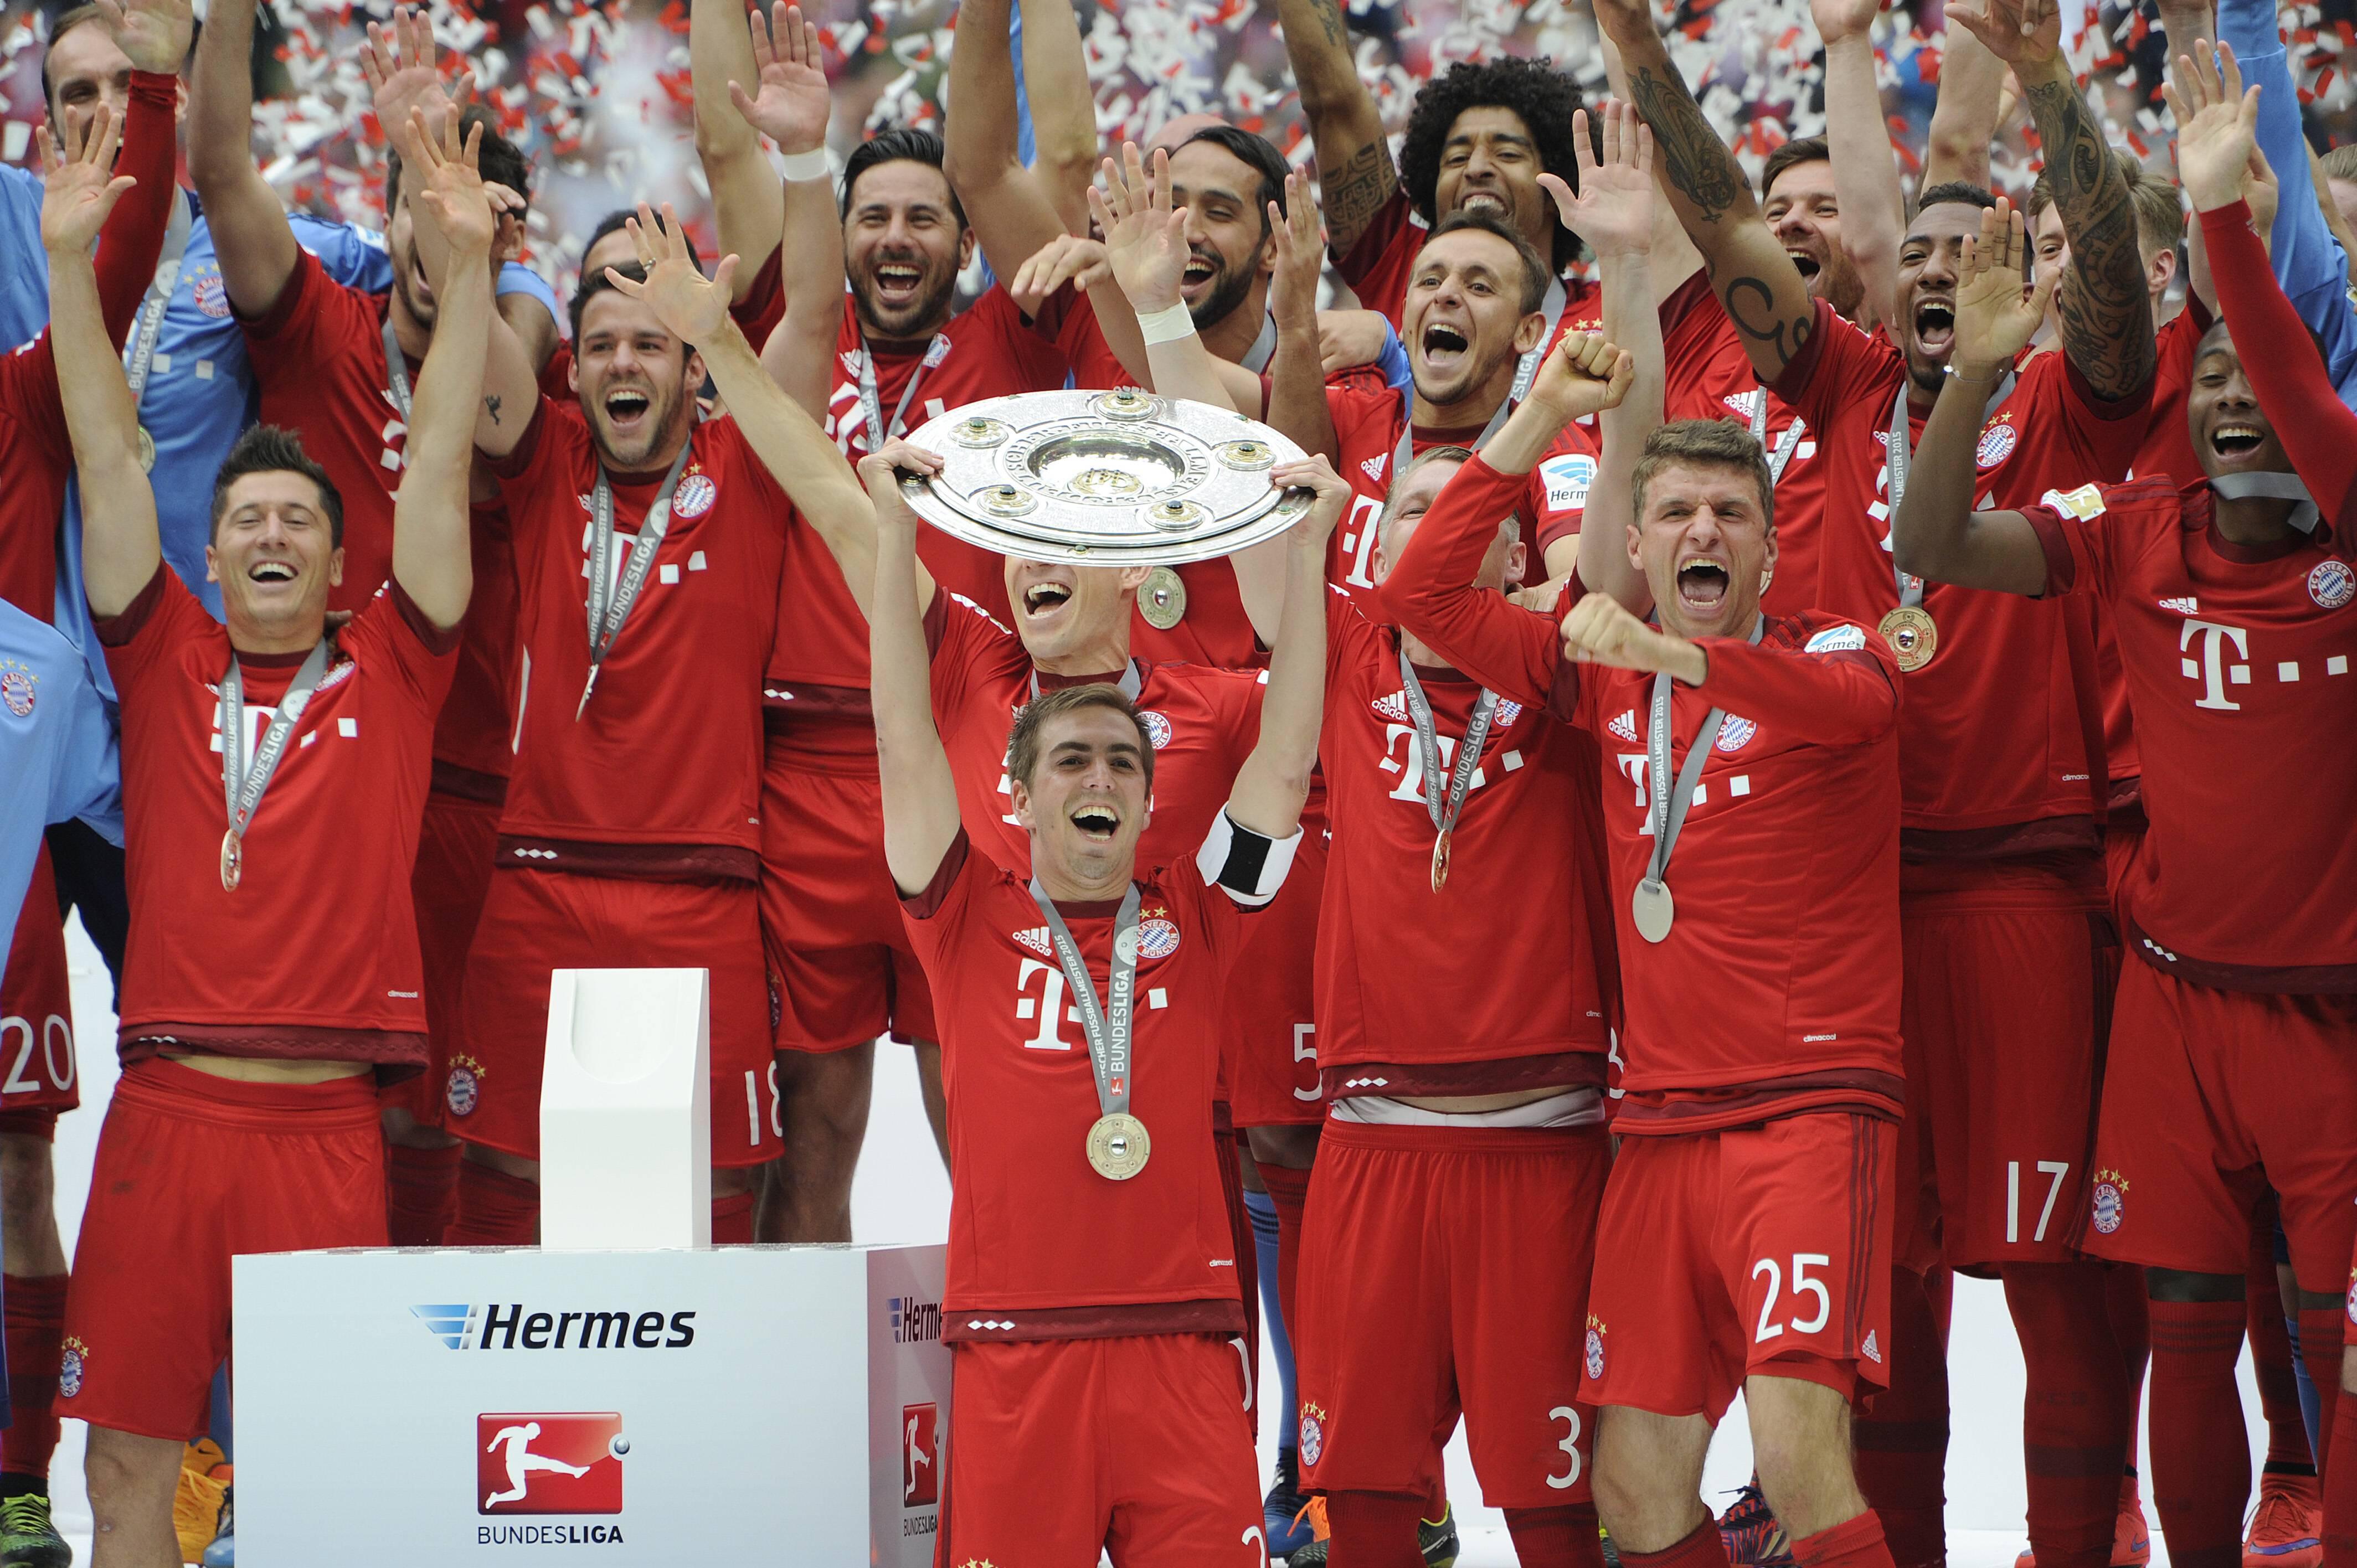 Bild zu FC Bayern München, Dominanz, Milliarden, Imperium